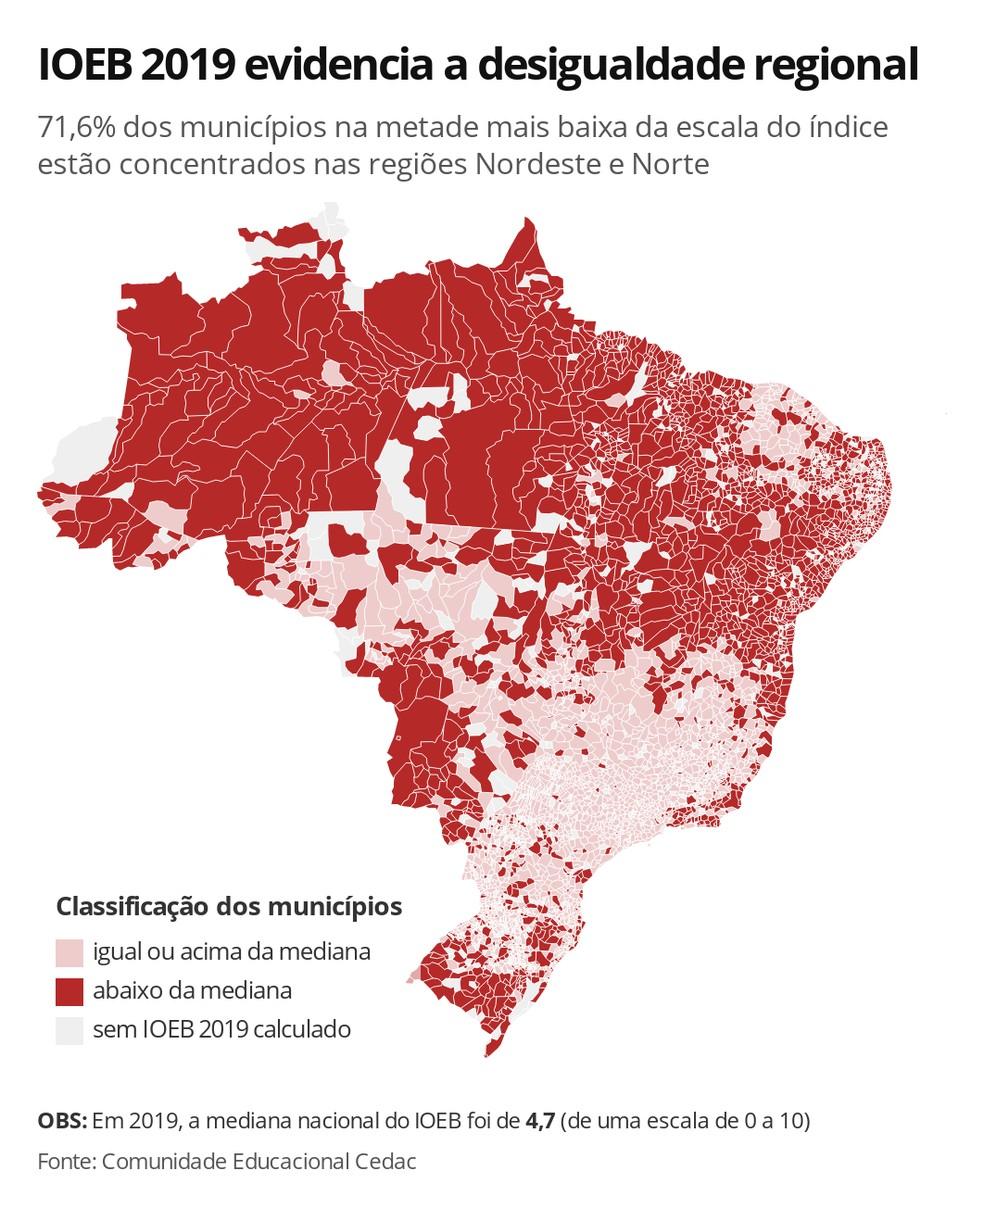 Mapa do Brasil mostra onde estão os municípios com Índice de Oportunidades da Educação Brasileira (IOEB) 2019 abaixo da mediana de 4,7: 71,6% deles se concentram no Nordeste e no Norte — Foto: Ana Carolina Moreno/G1